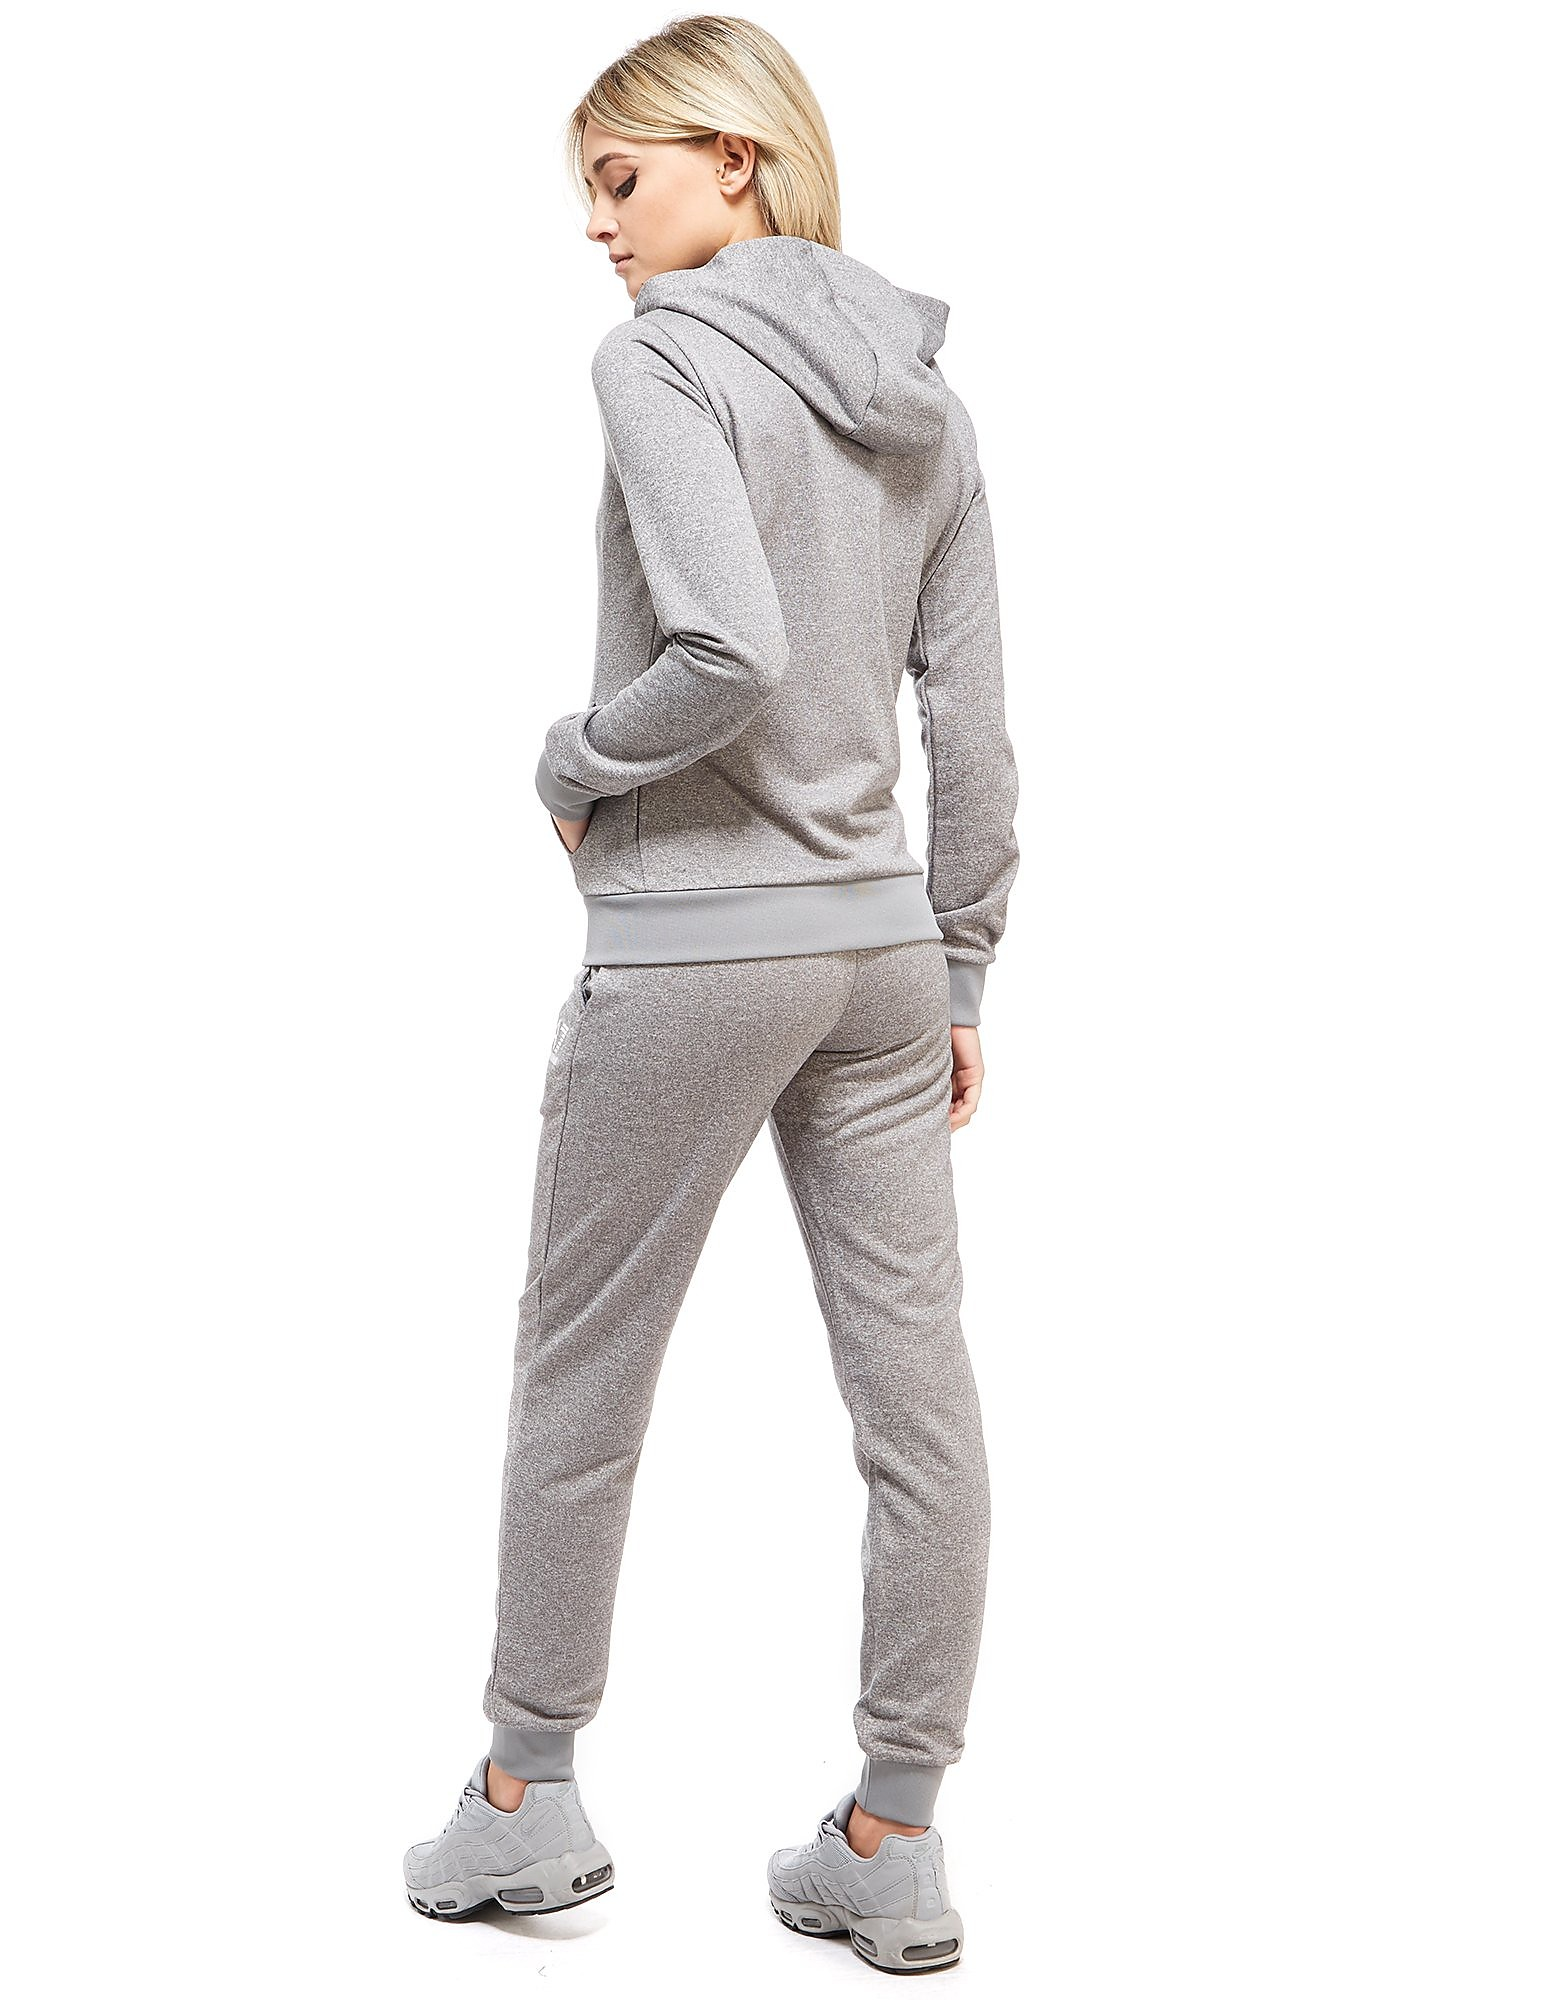 Emporio Armani EA7 Hooded Suit